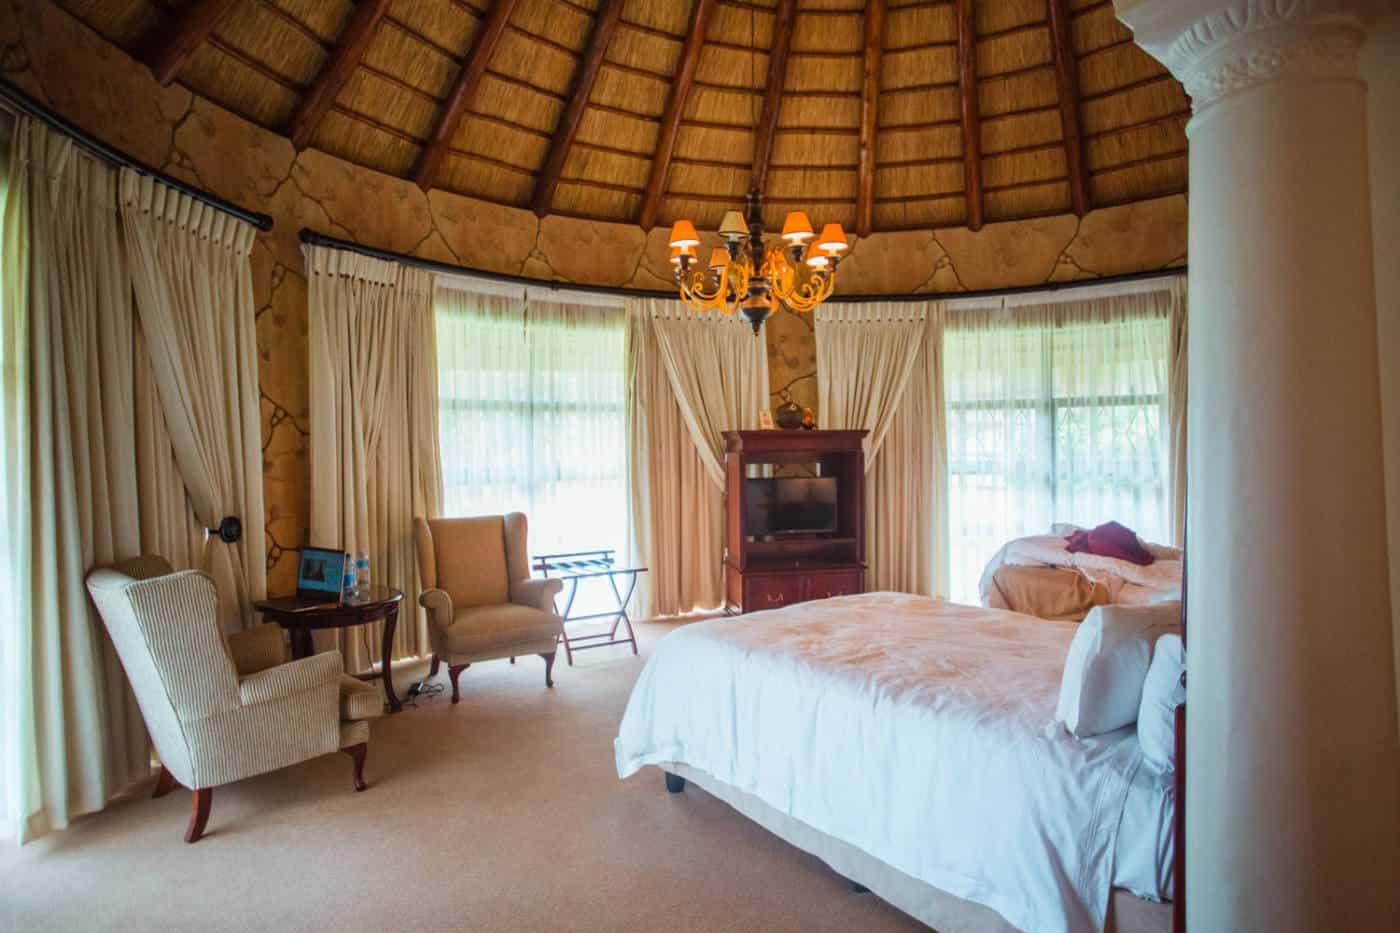 Summerfield botanical gardens swaziland bedroom